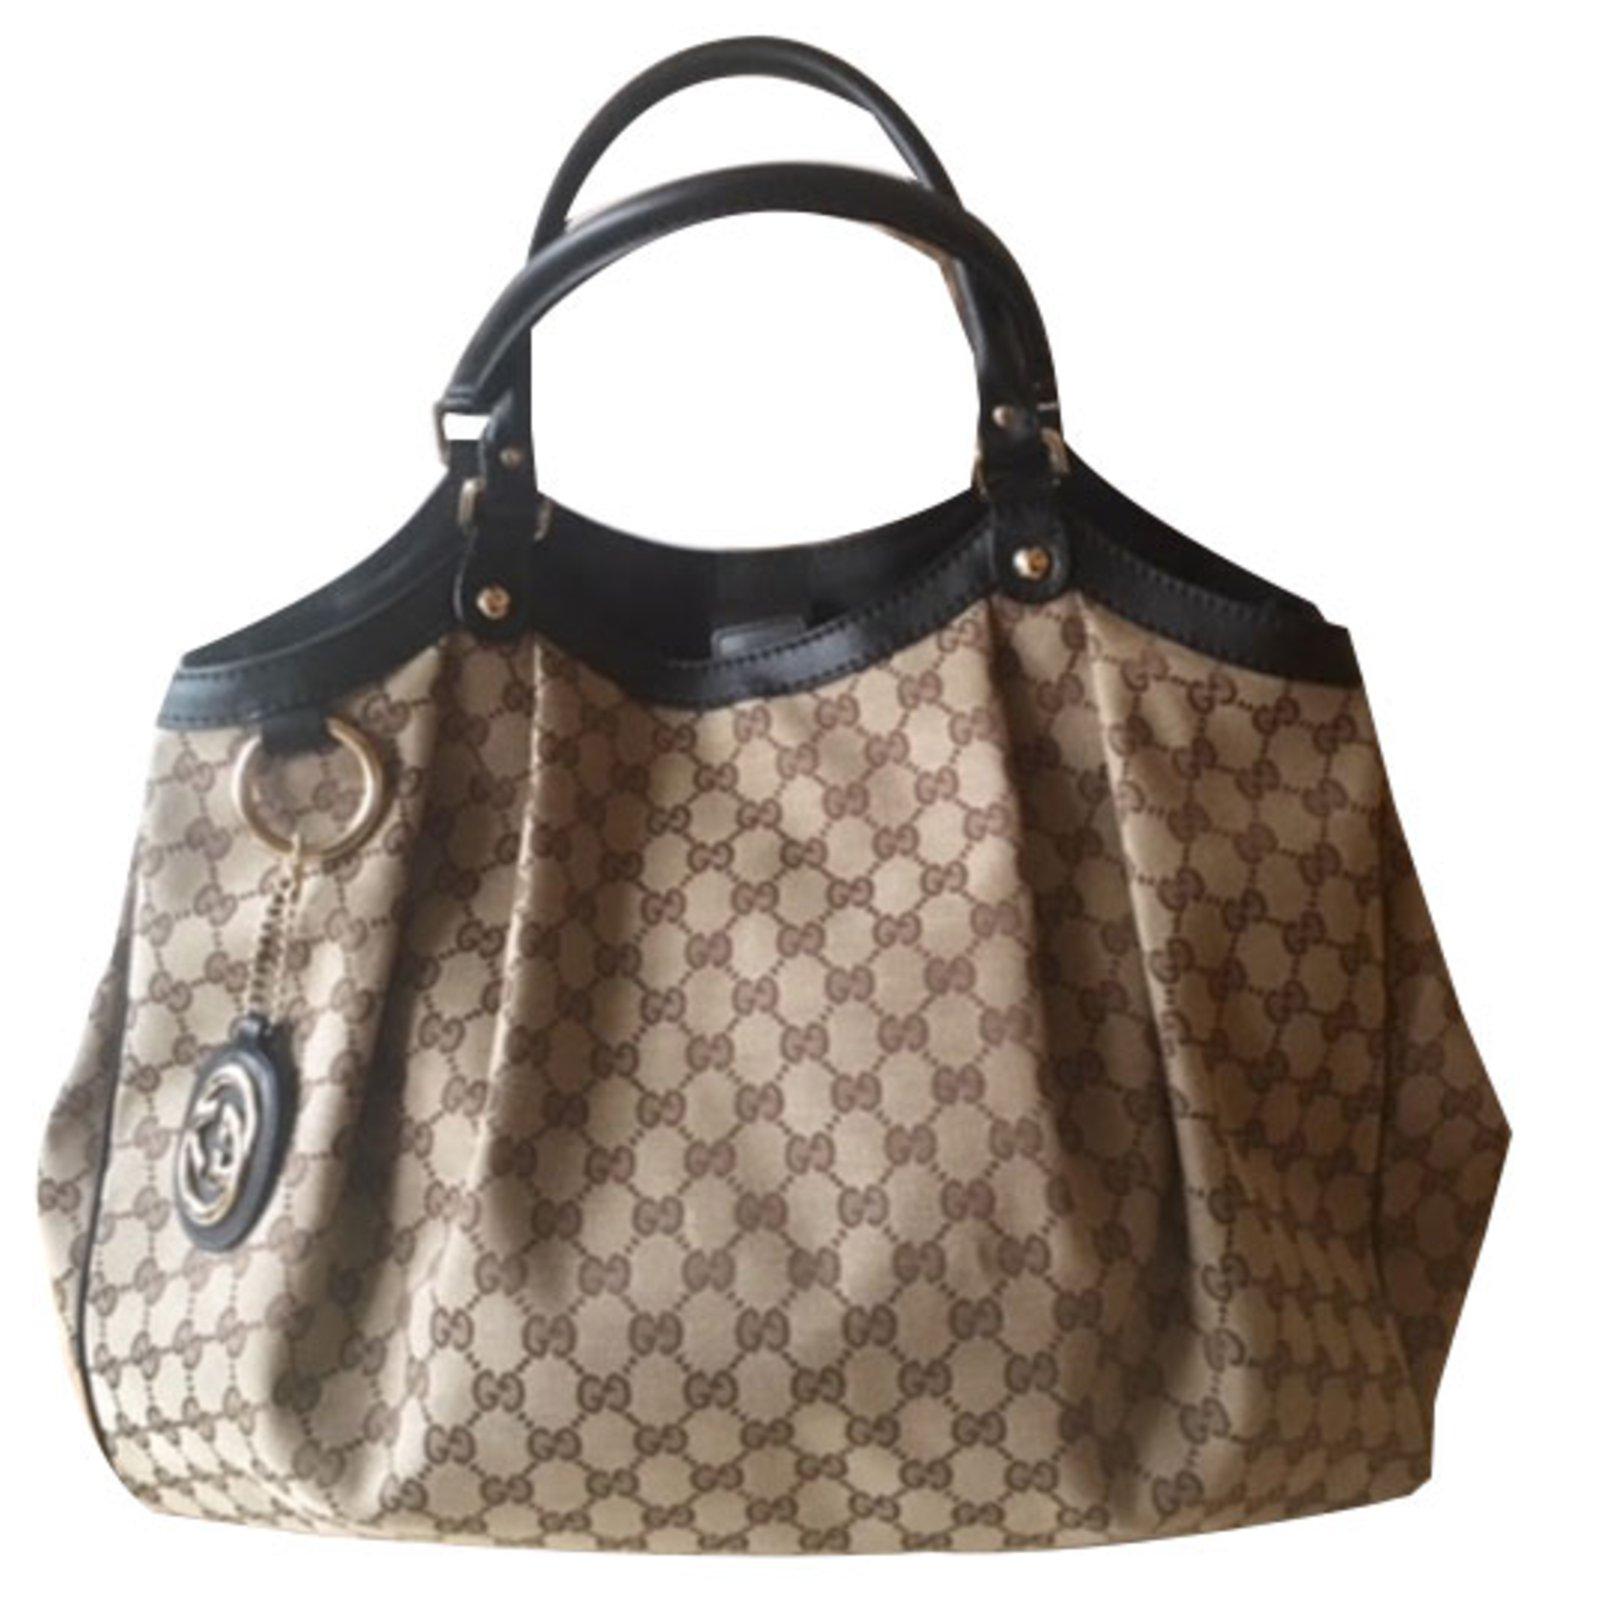 4b7ea948c95 Gucci SUKEY Handbag Handbags Cloth Beige ref.53122 - Joli Closet